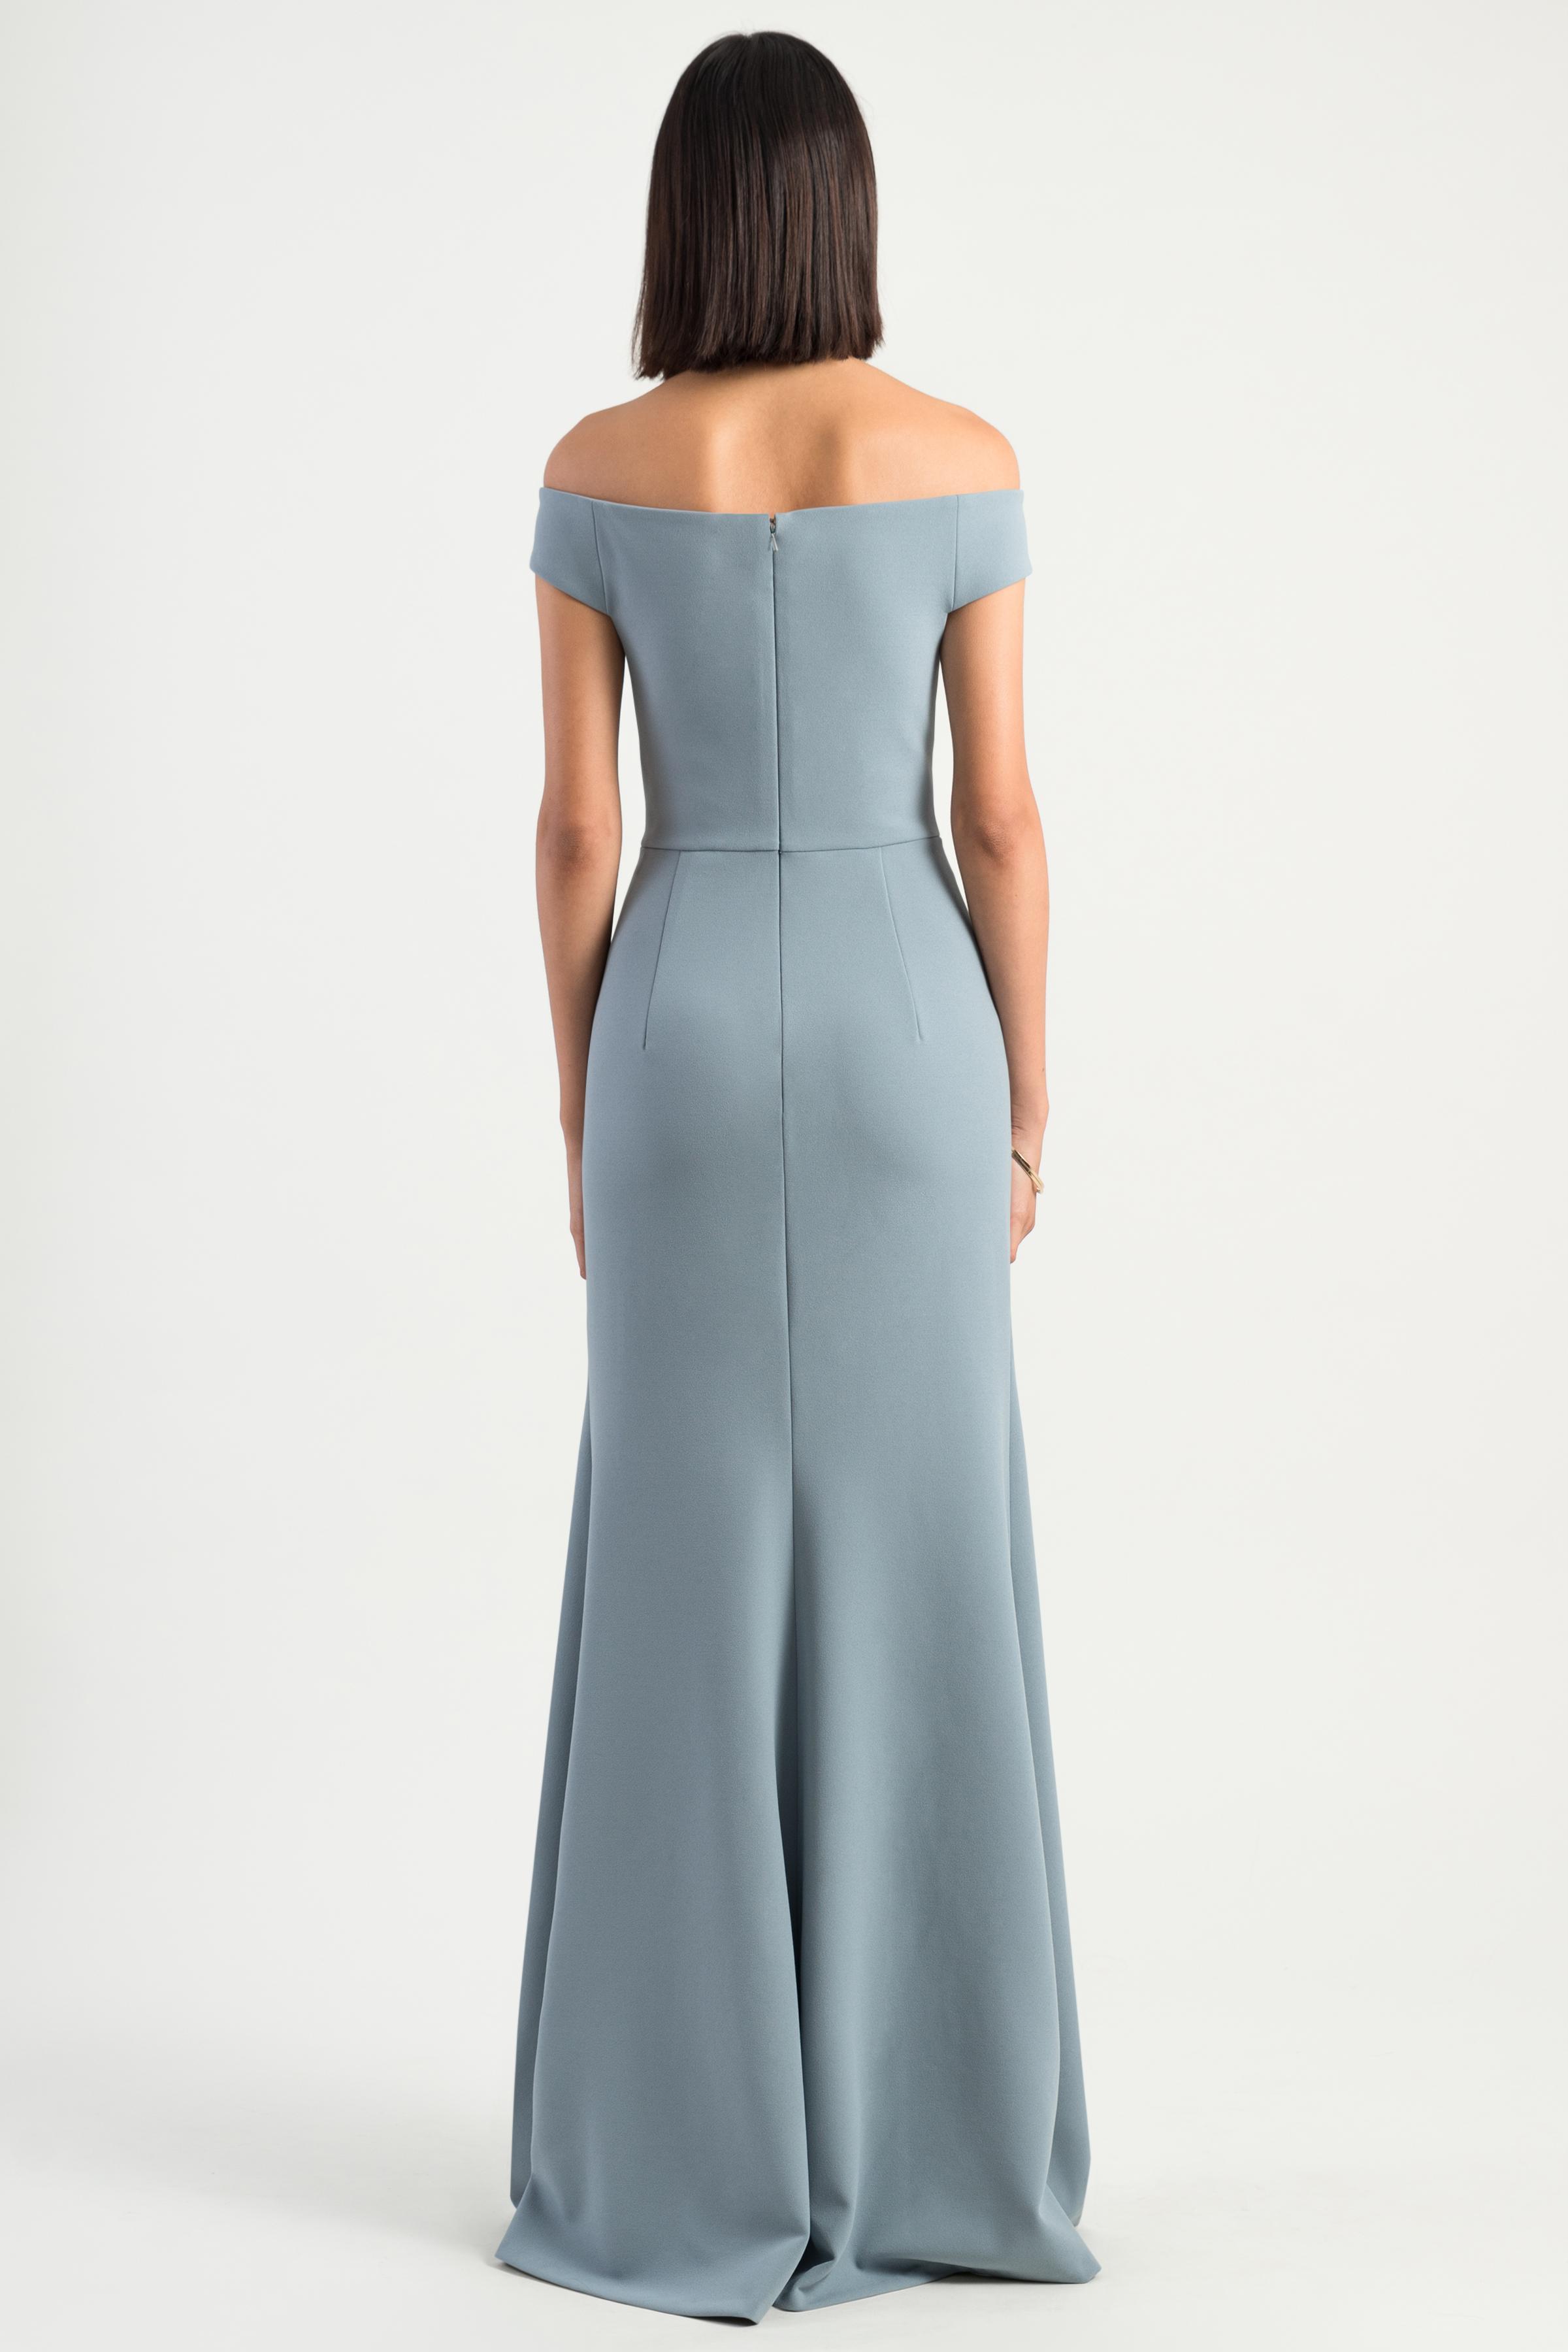 Larson Bridesmaids Dress by Jenny Yoo - Mayan Blue